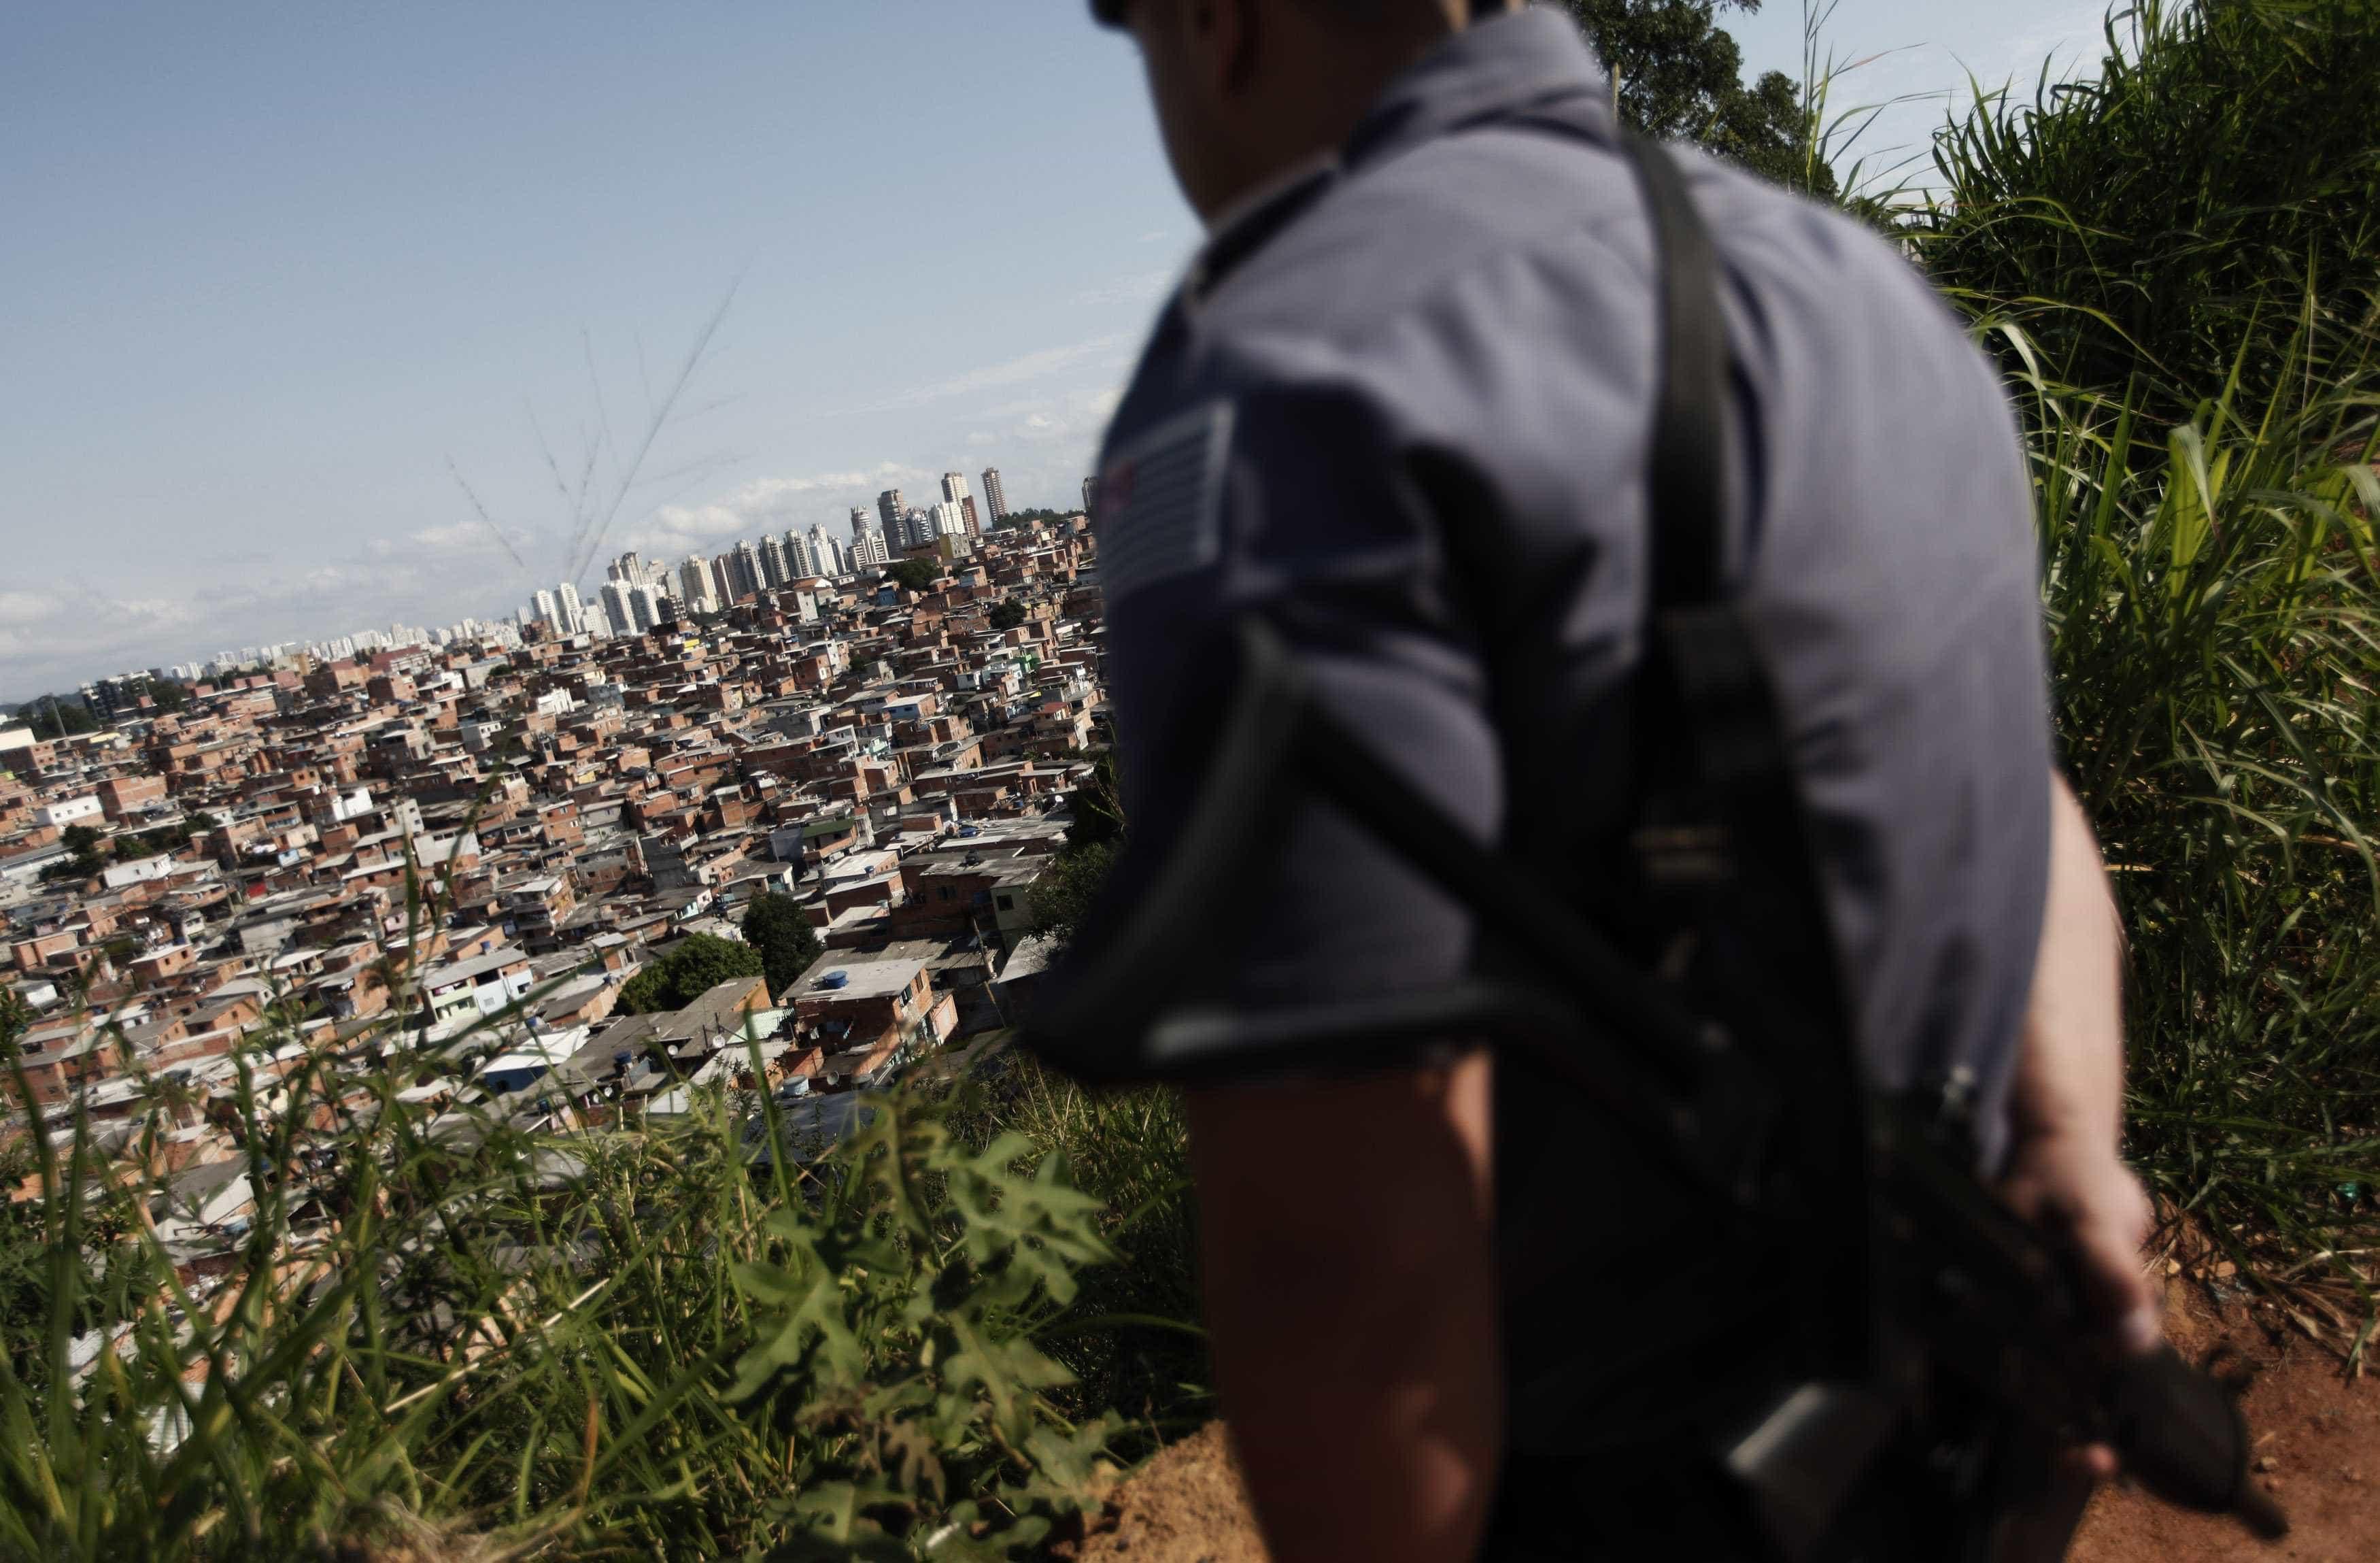 Facção rival proíbe enterro de mortos pela PM em cemitério do Rio